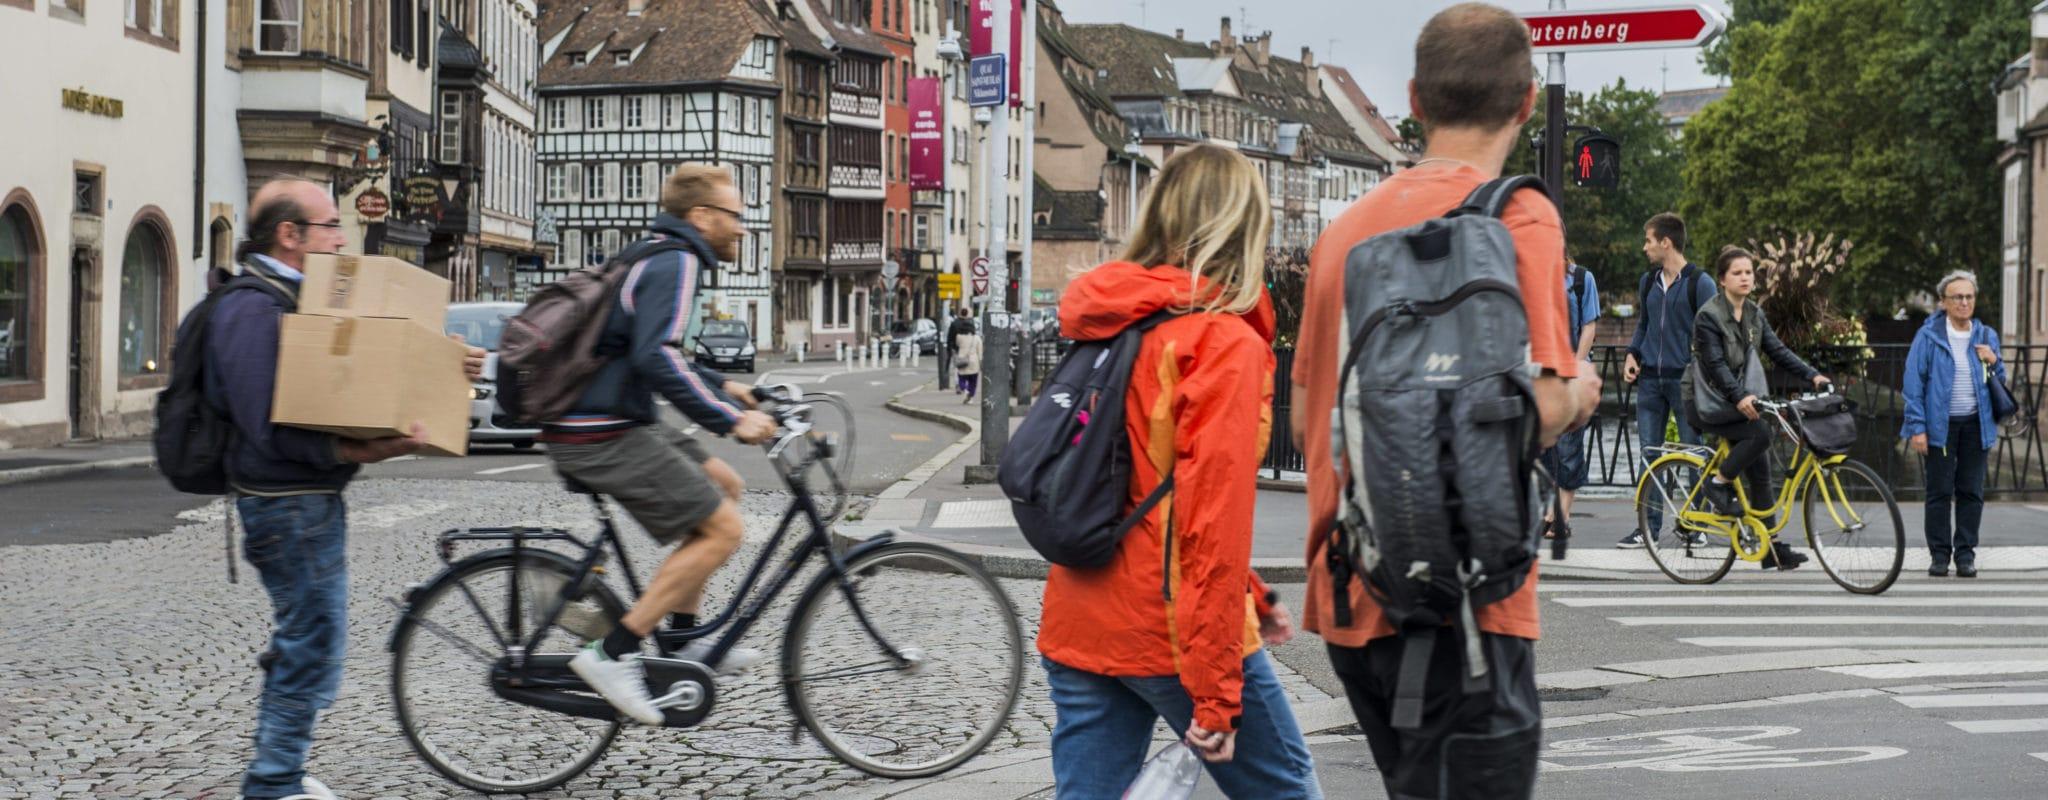 Au conseil de l'Eurométropole, un Plan pour cyclistes et piétons sous-financé